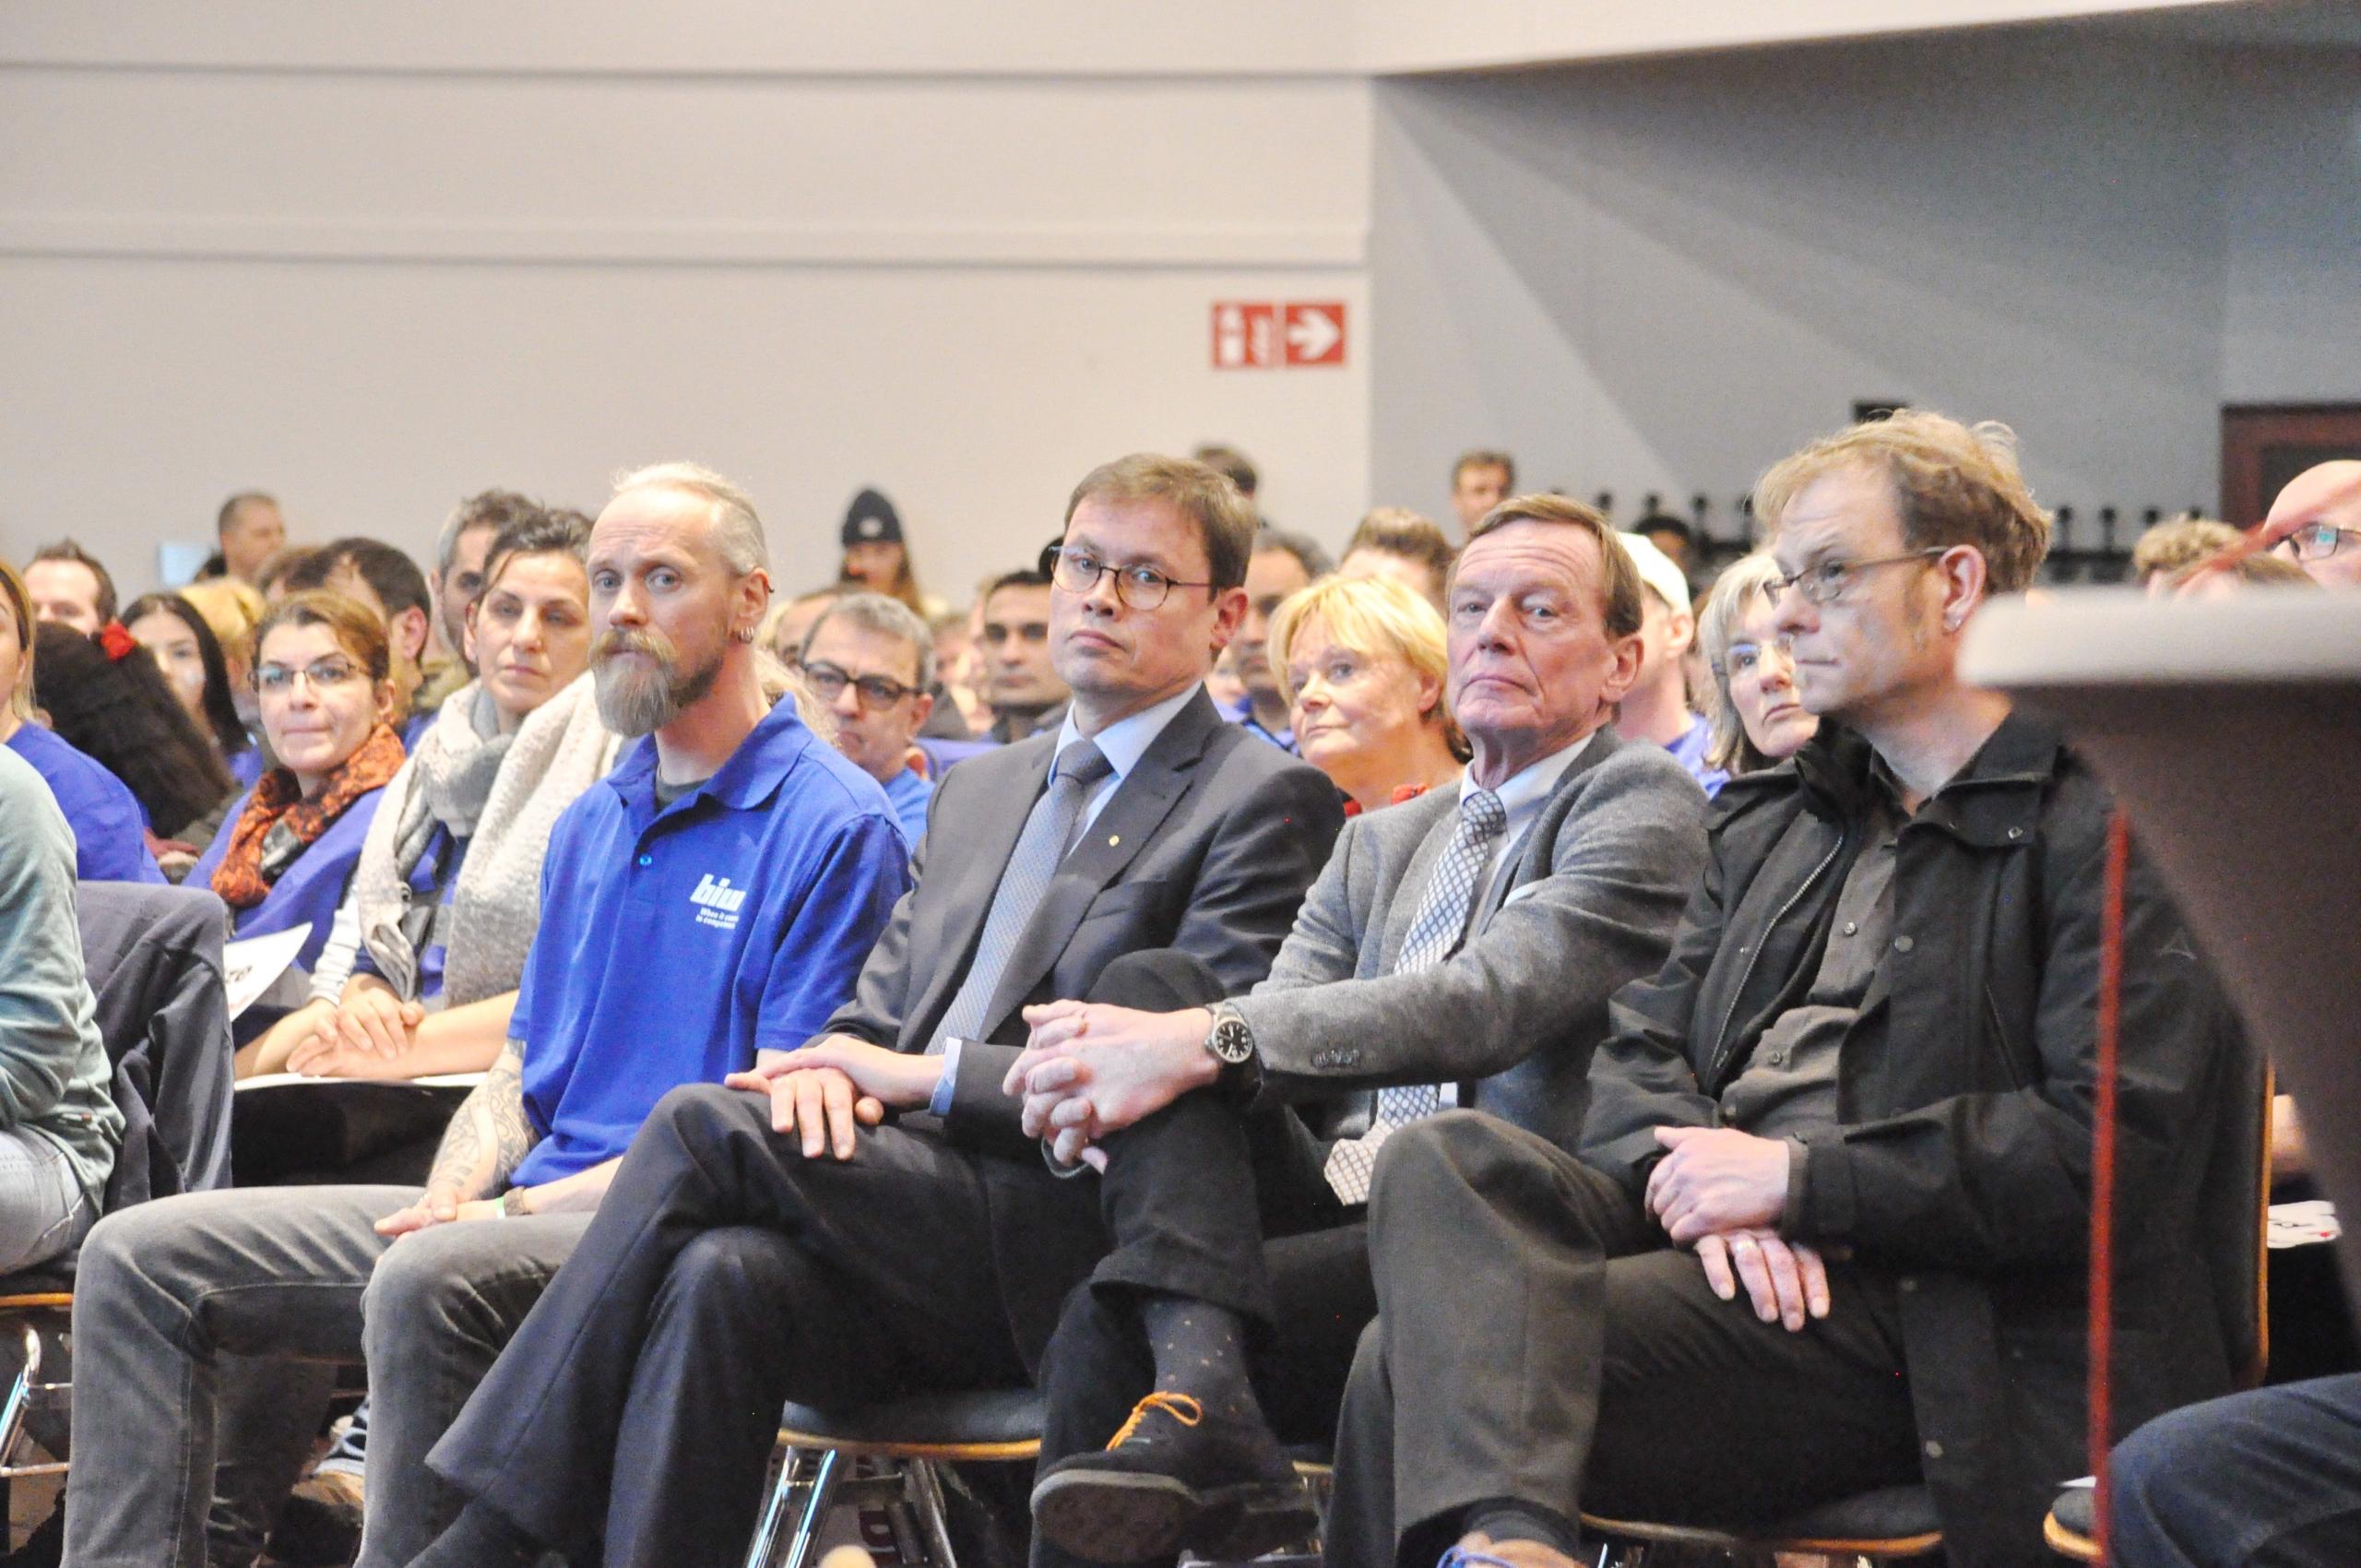 3.von rechts Unternehmer Ralf Stoffels Firma biw, rechts daneben sein Anwalt Michael Hoppenberg Foto:© Linde Arndt